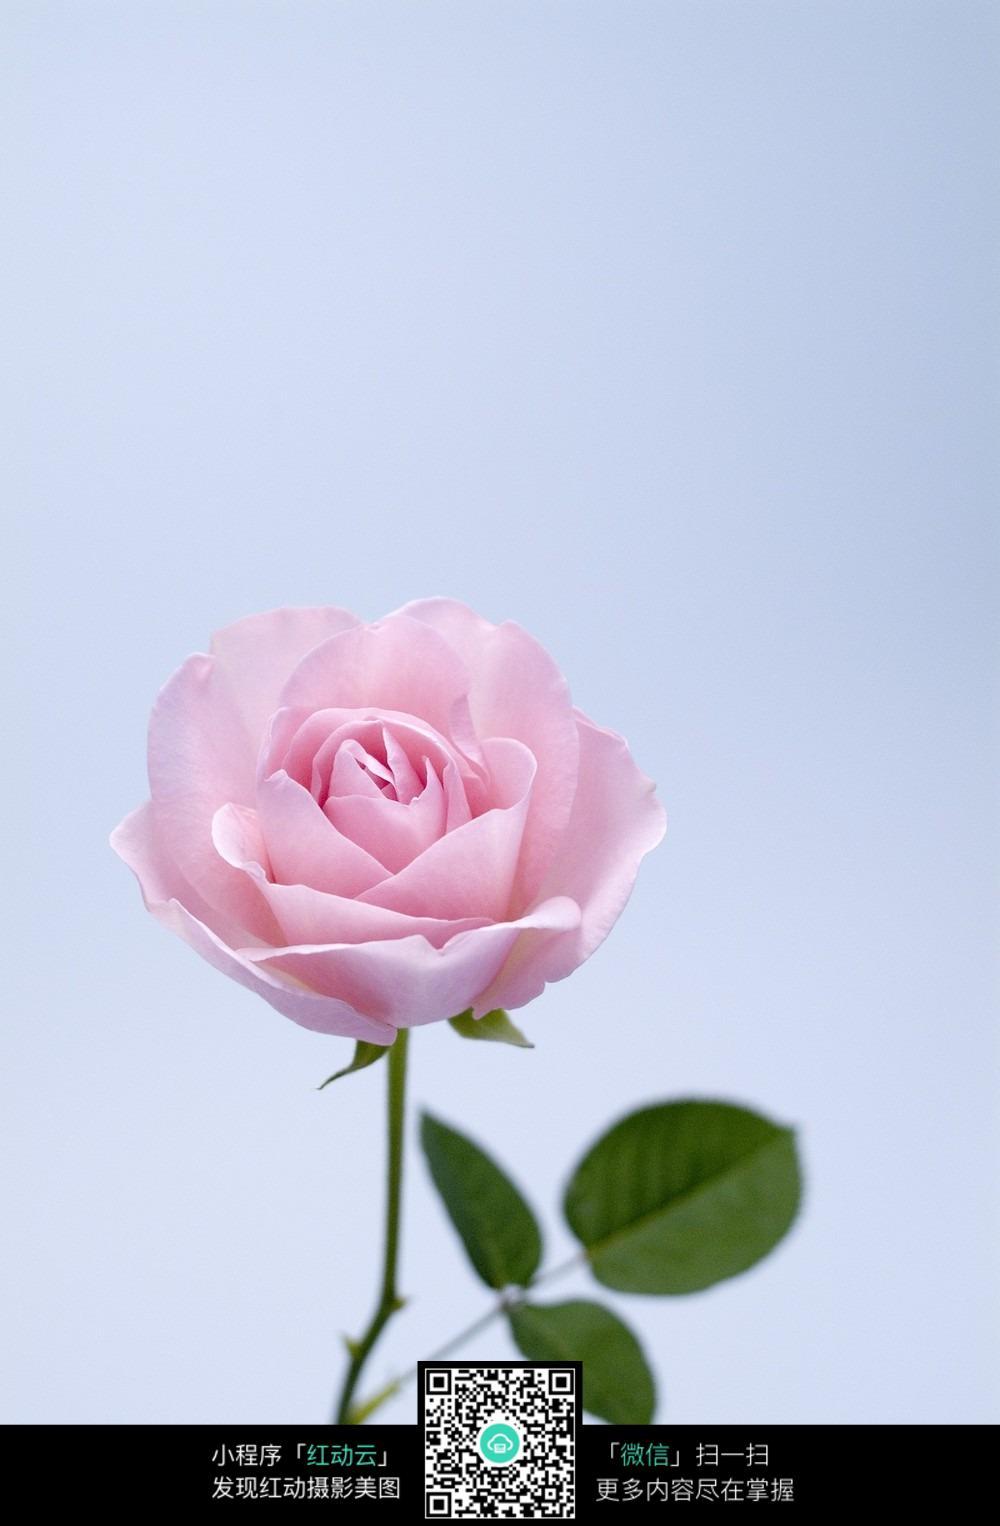 免费素材 图片素材 生物世界 花草树木 带叶子的粉色玫瑰花  请您分享